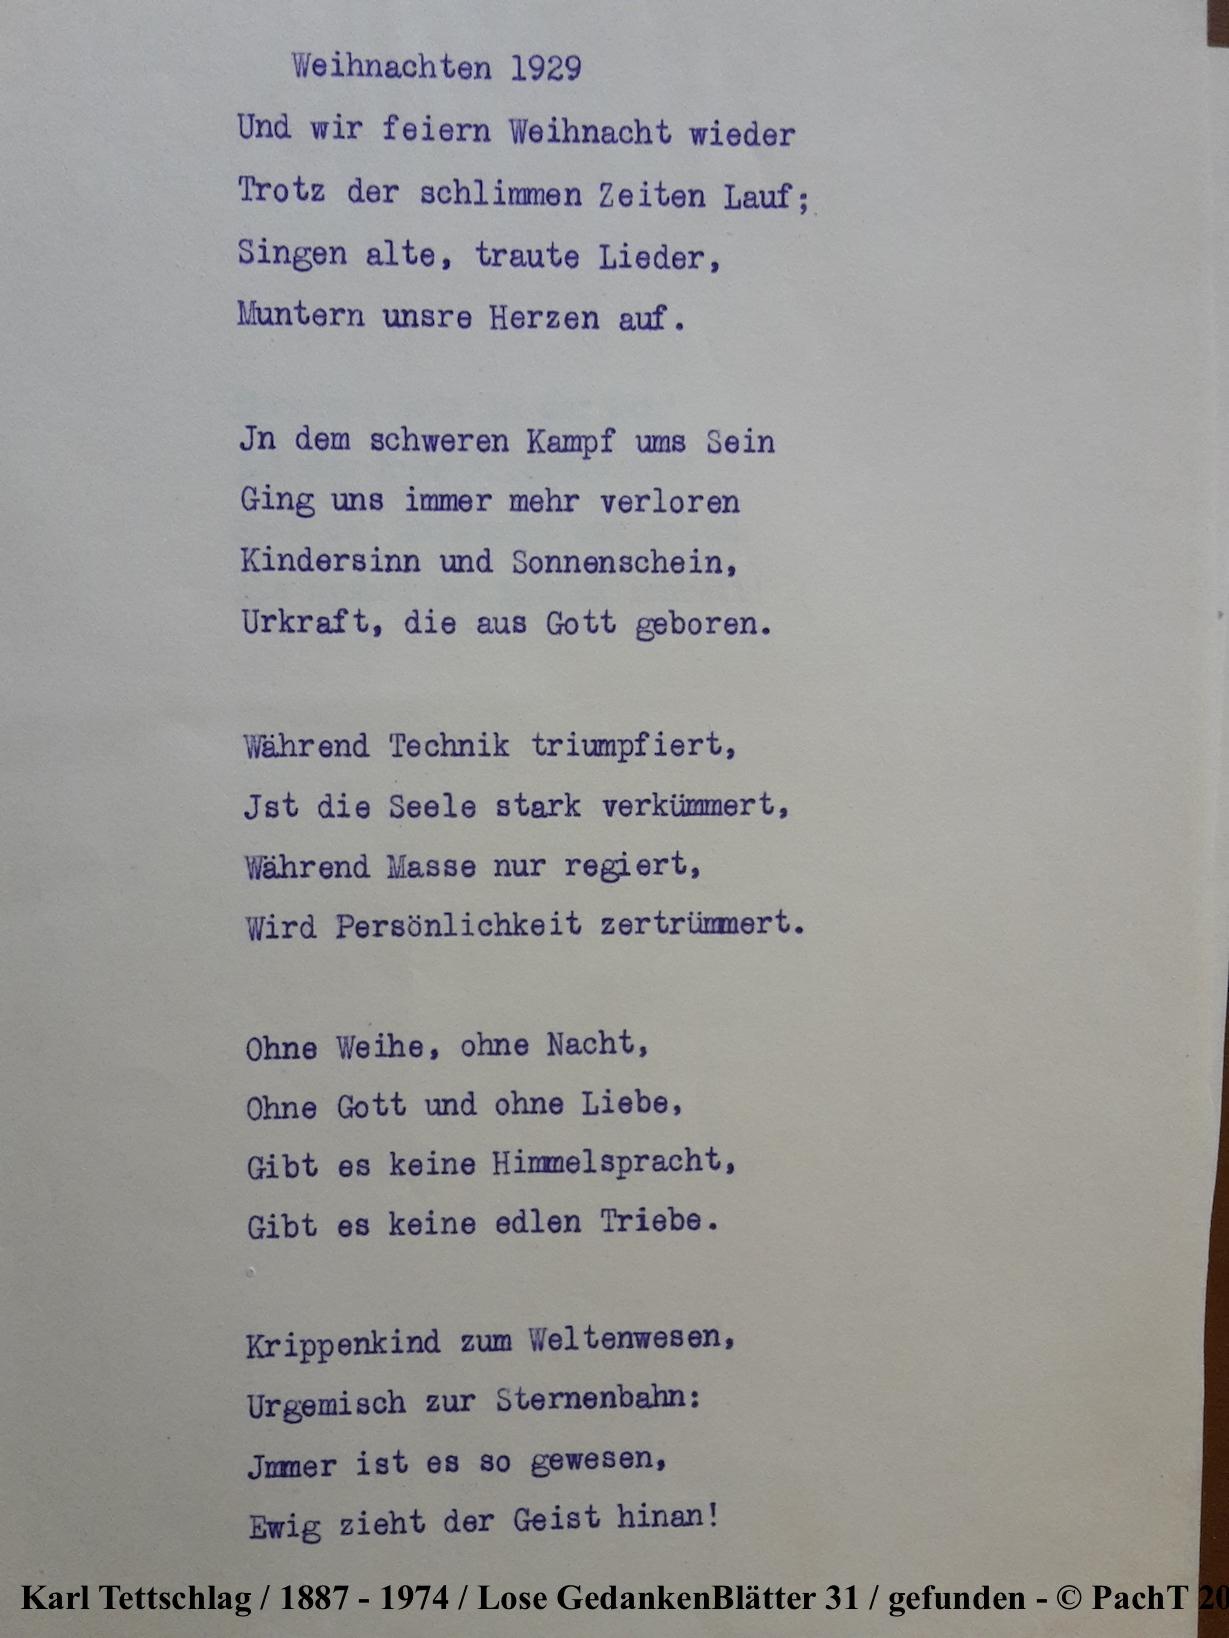 1887 - 1974 Erinnerungen an meinen Opa _ Lose GedankenBlätter 31